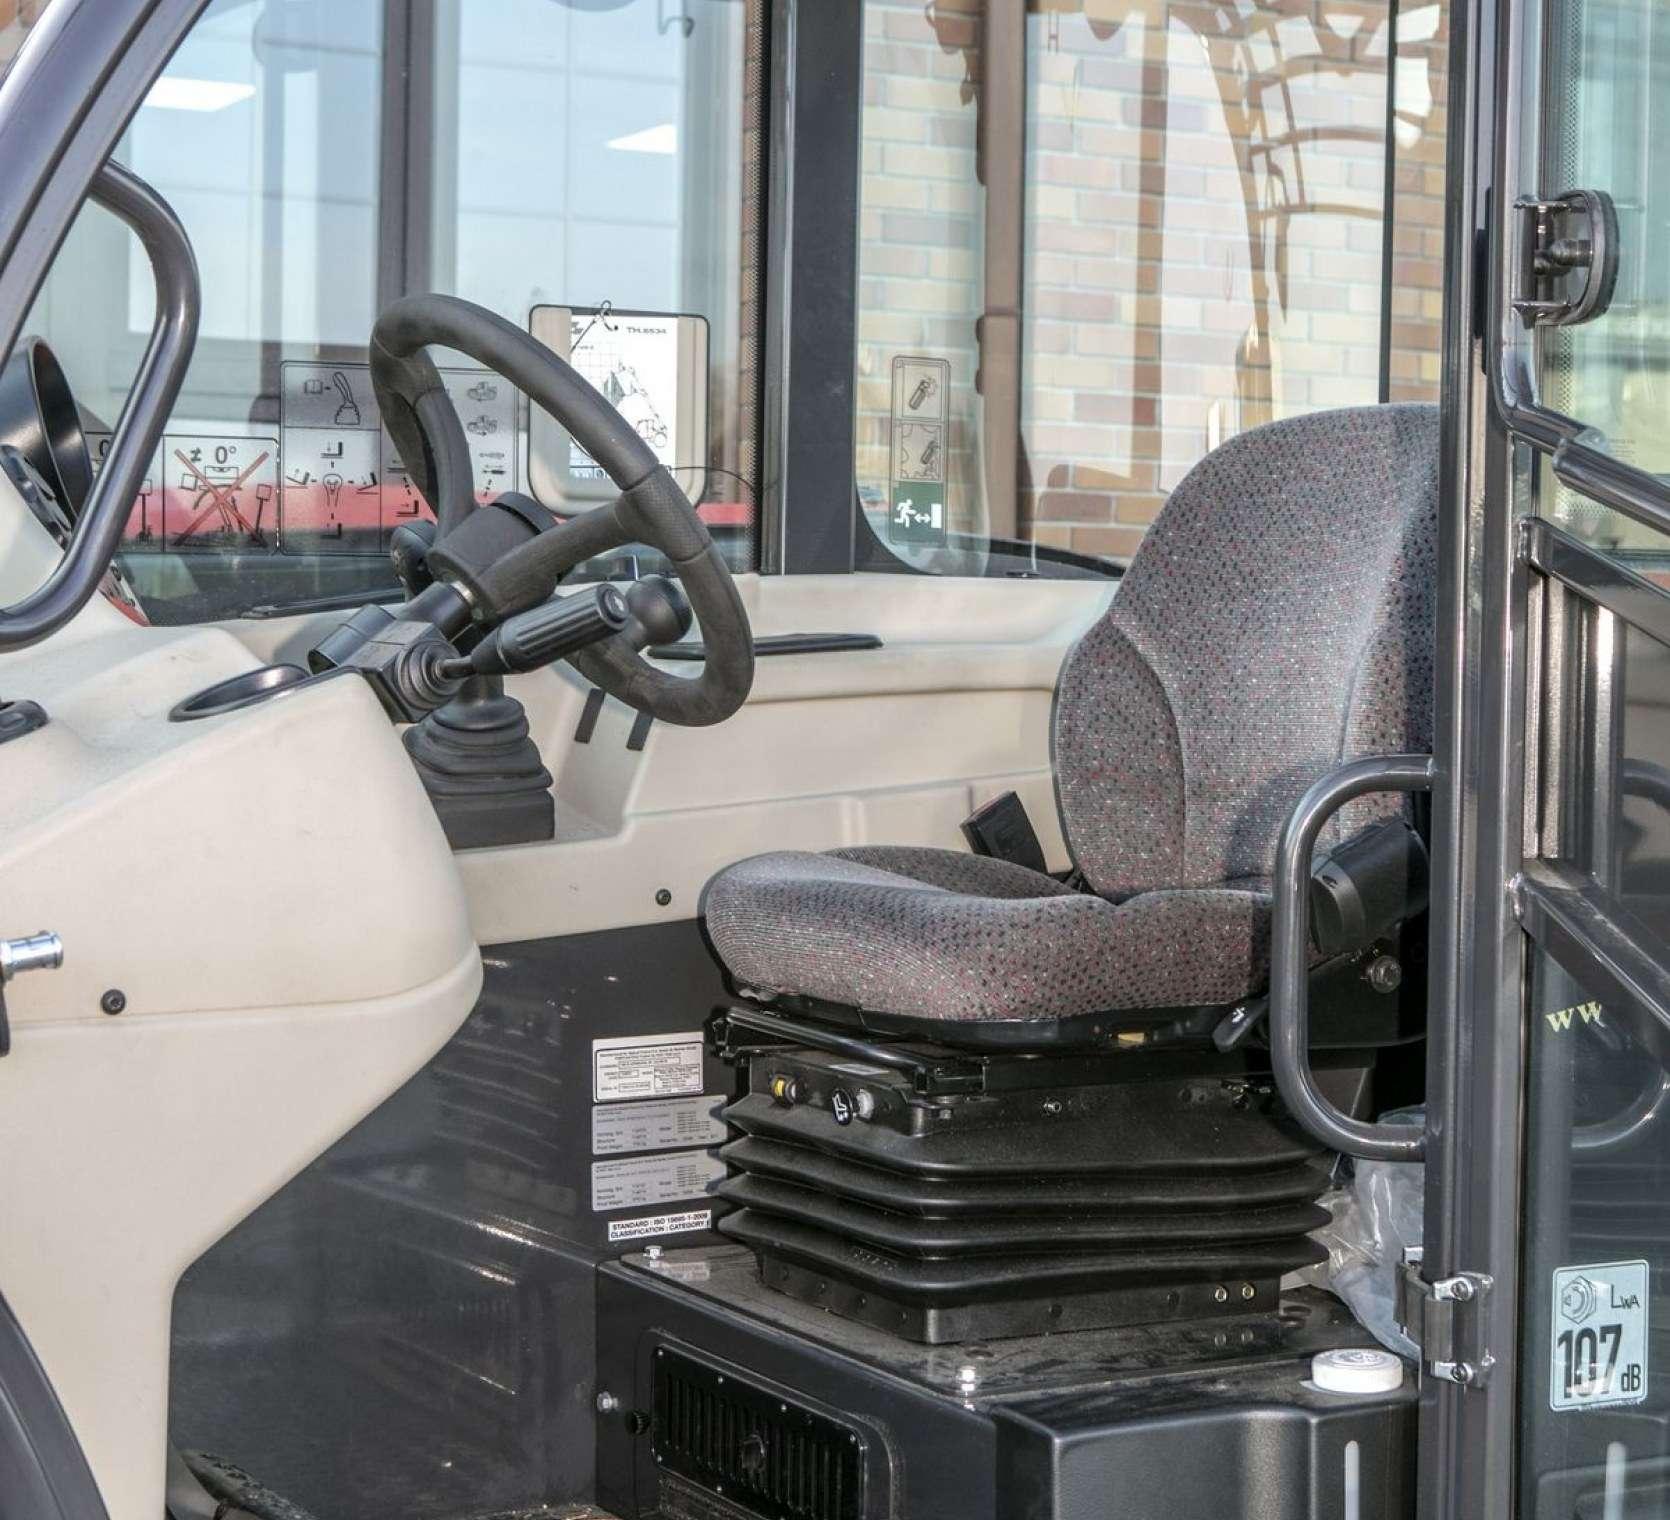 Pneumatyczny fotel operatora regulowana kolumna kierownicy w kabinie ładowarki Massey Ferguson model TH 6534 okazji z korbanek.pl